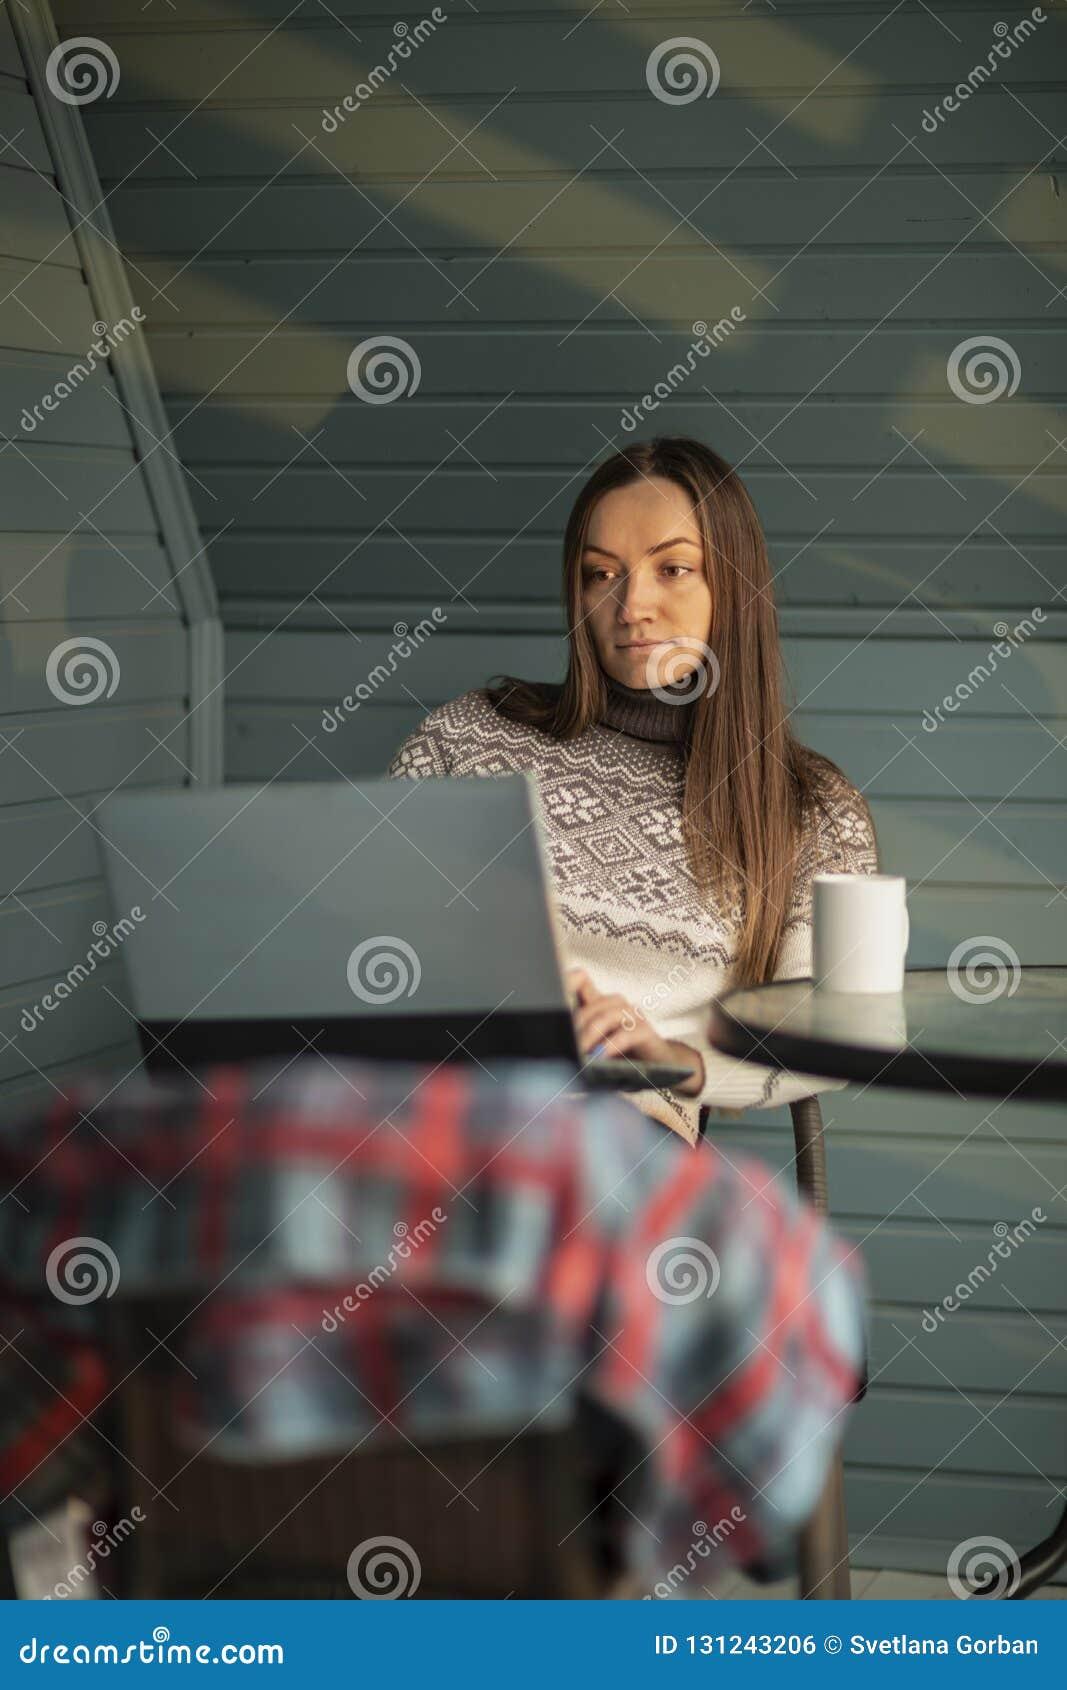 年轻女人,膝上型计算机,阳台,茶,自然